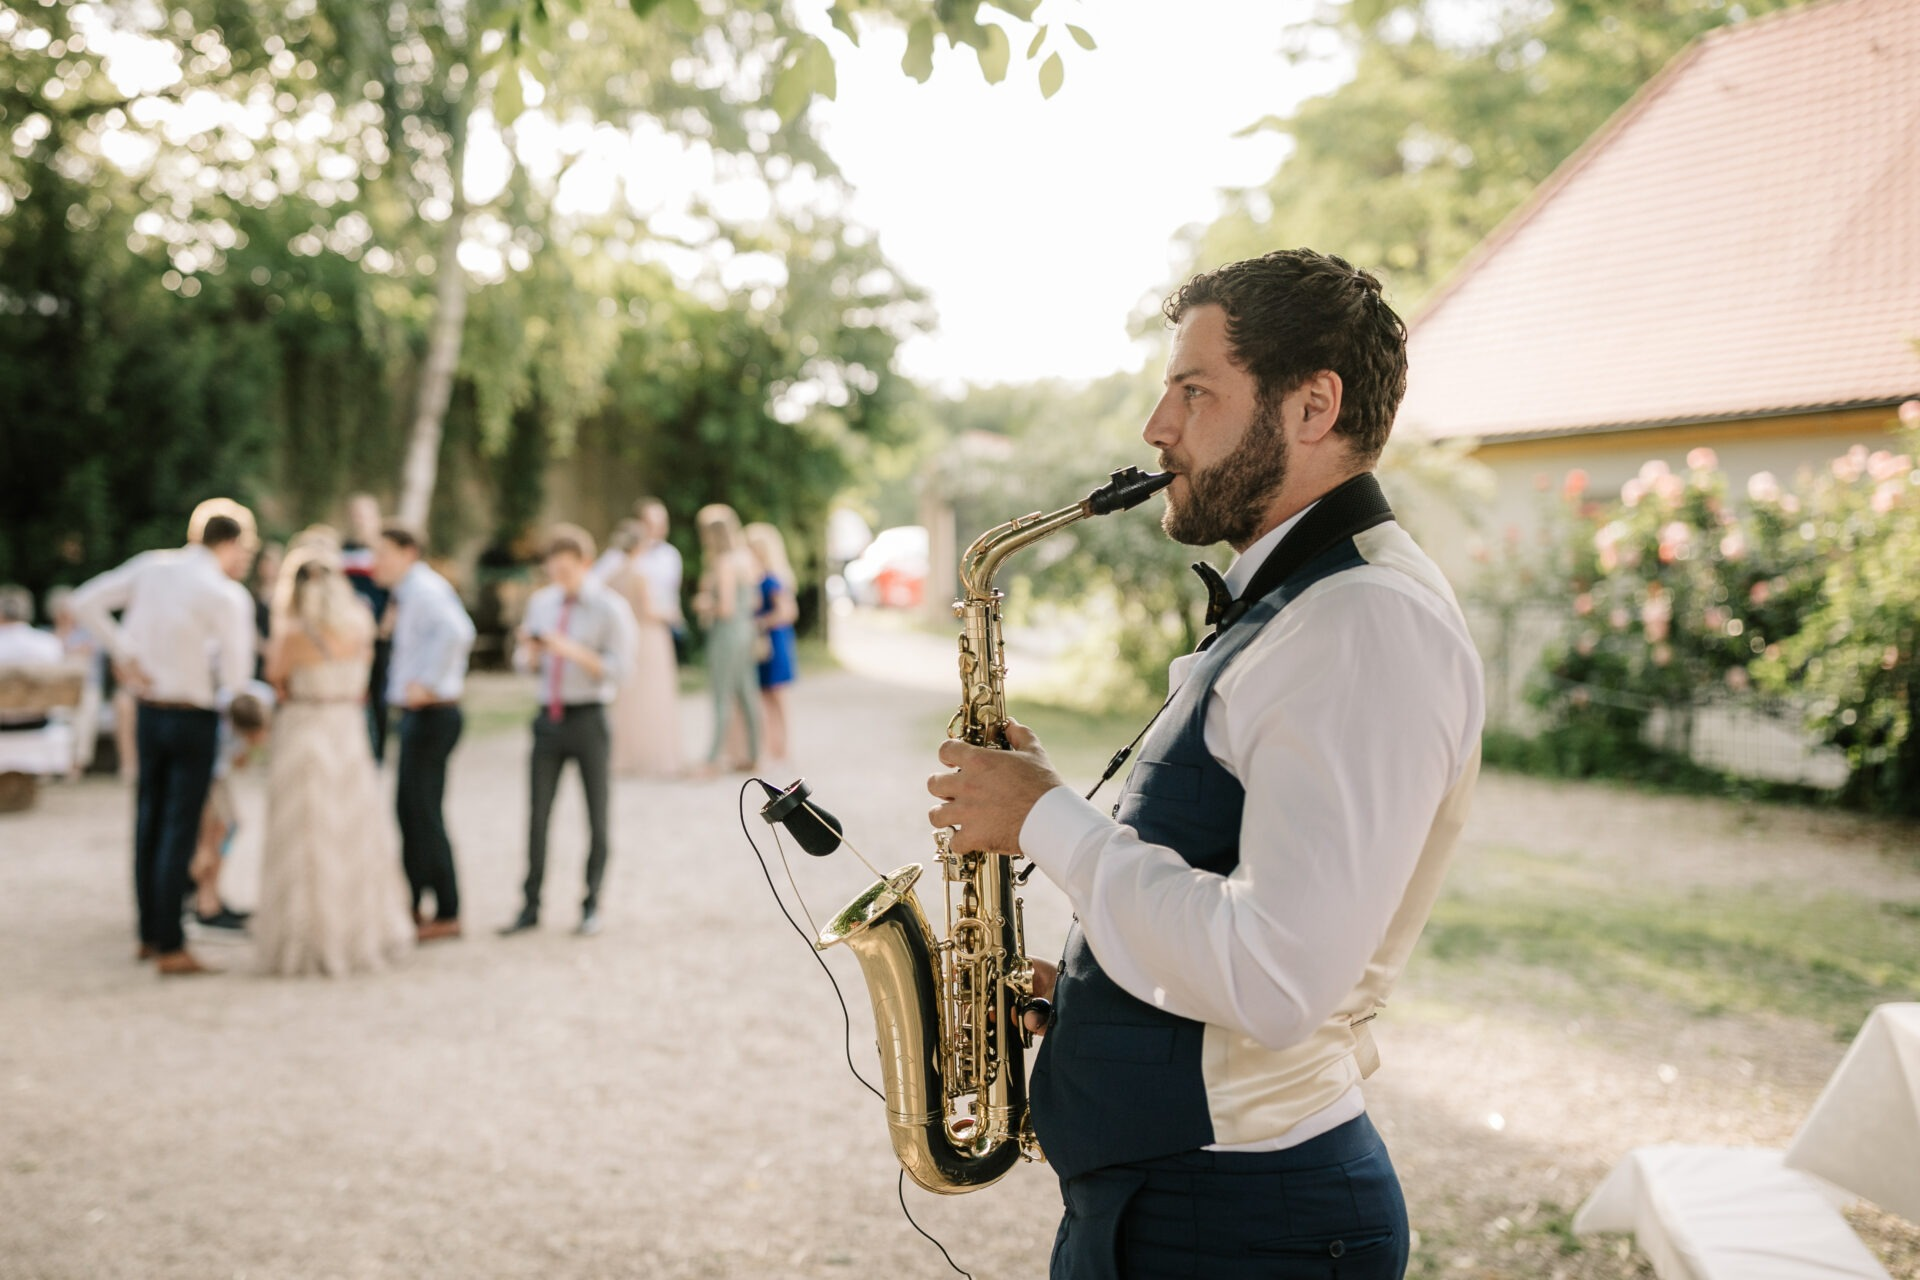 Saxophonist Adrian Planitz auf einer Hochzeit beim Empfang